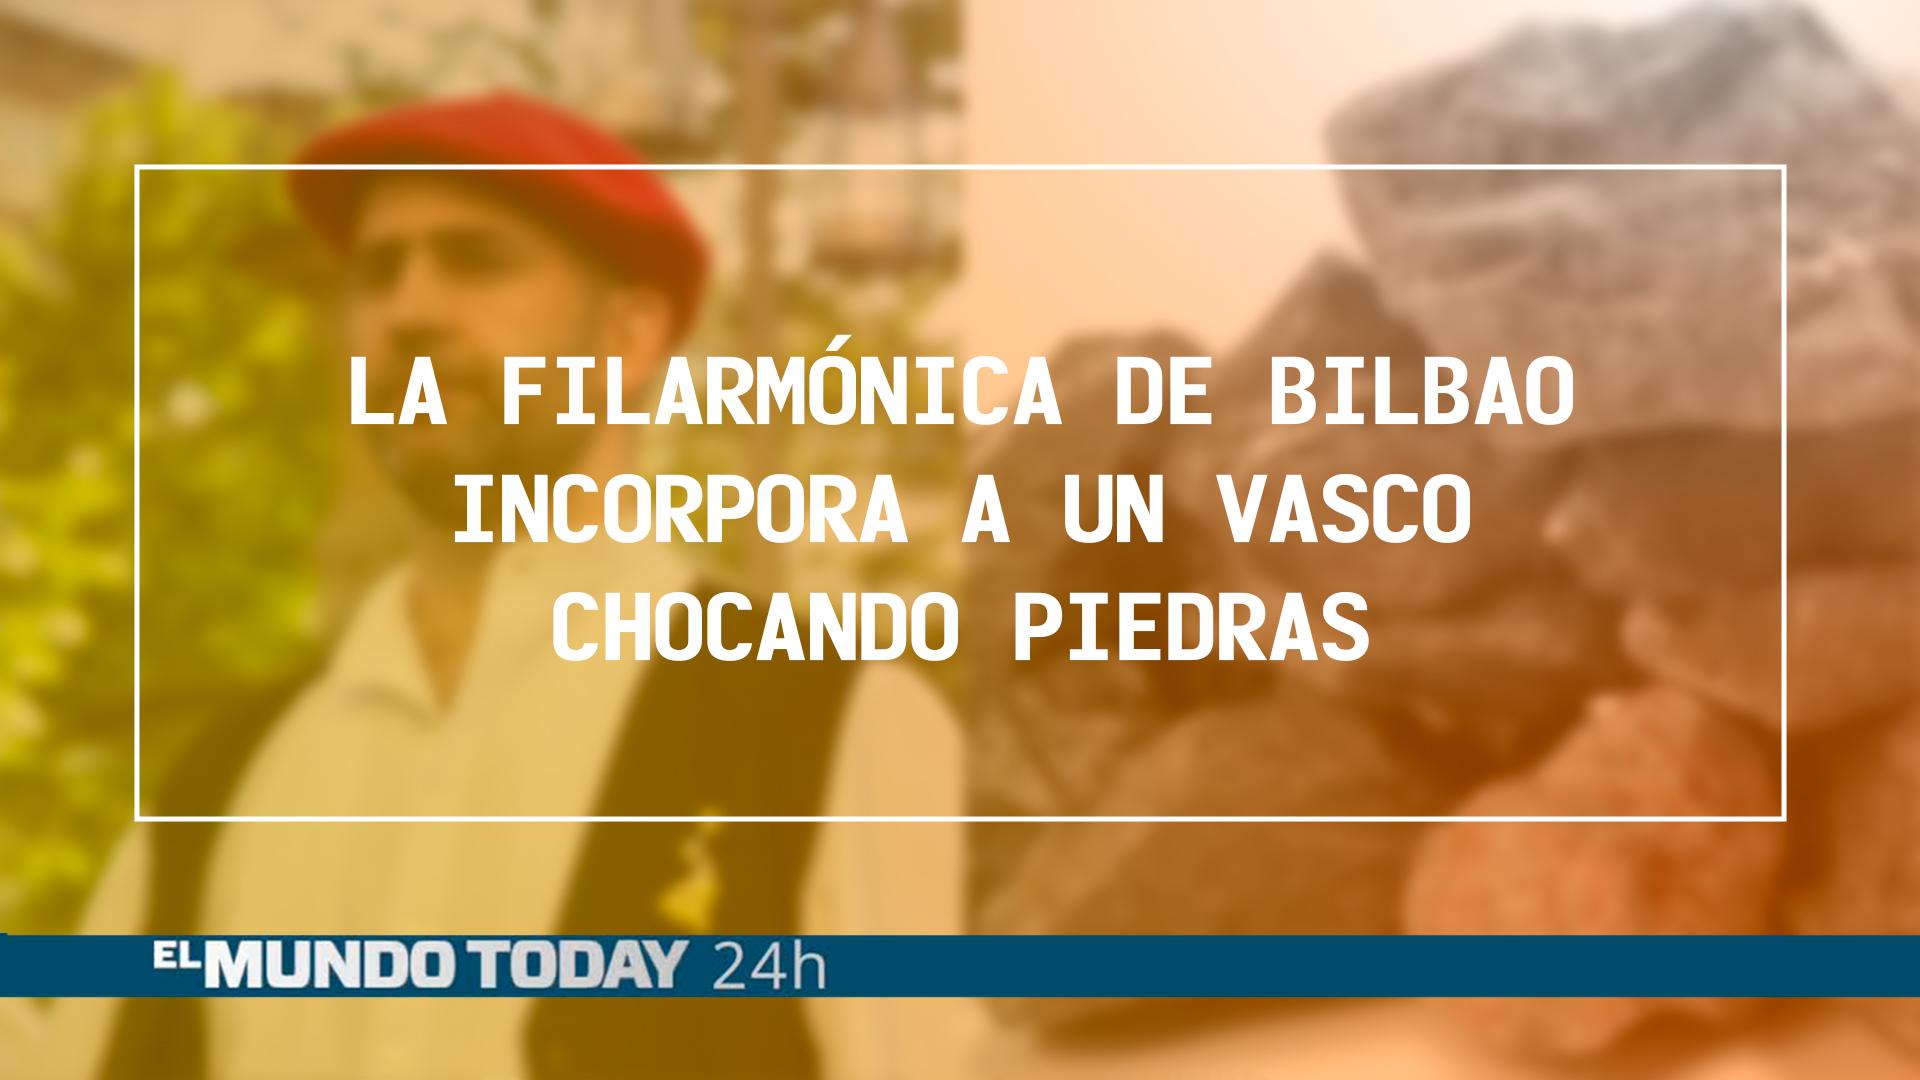 Temporada 1 La filarmónica de Bilbao incorpora a un vasco chocando  piedras en la sección de percusión | Noticias 'El Mundo Today'